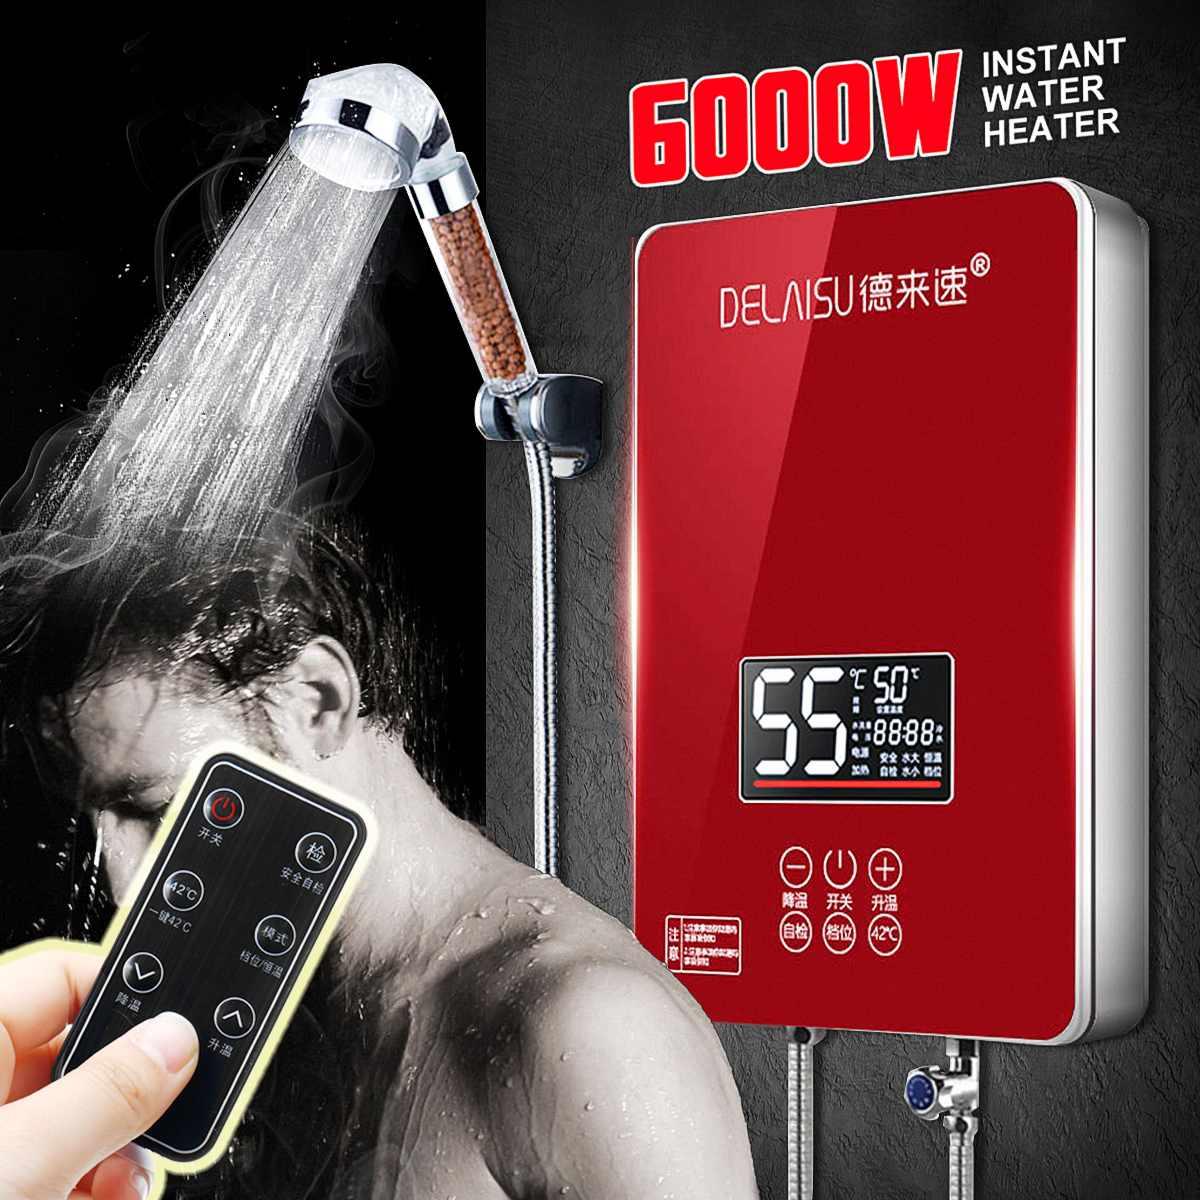 6000 W chauffe-eau électrique instantané sans réservoir chaudière bain douche buse ensemble Intelligent isolation capteur de Protection des problèmes